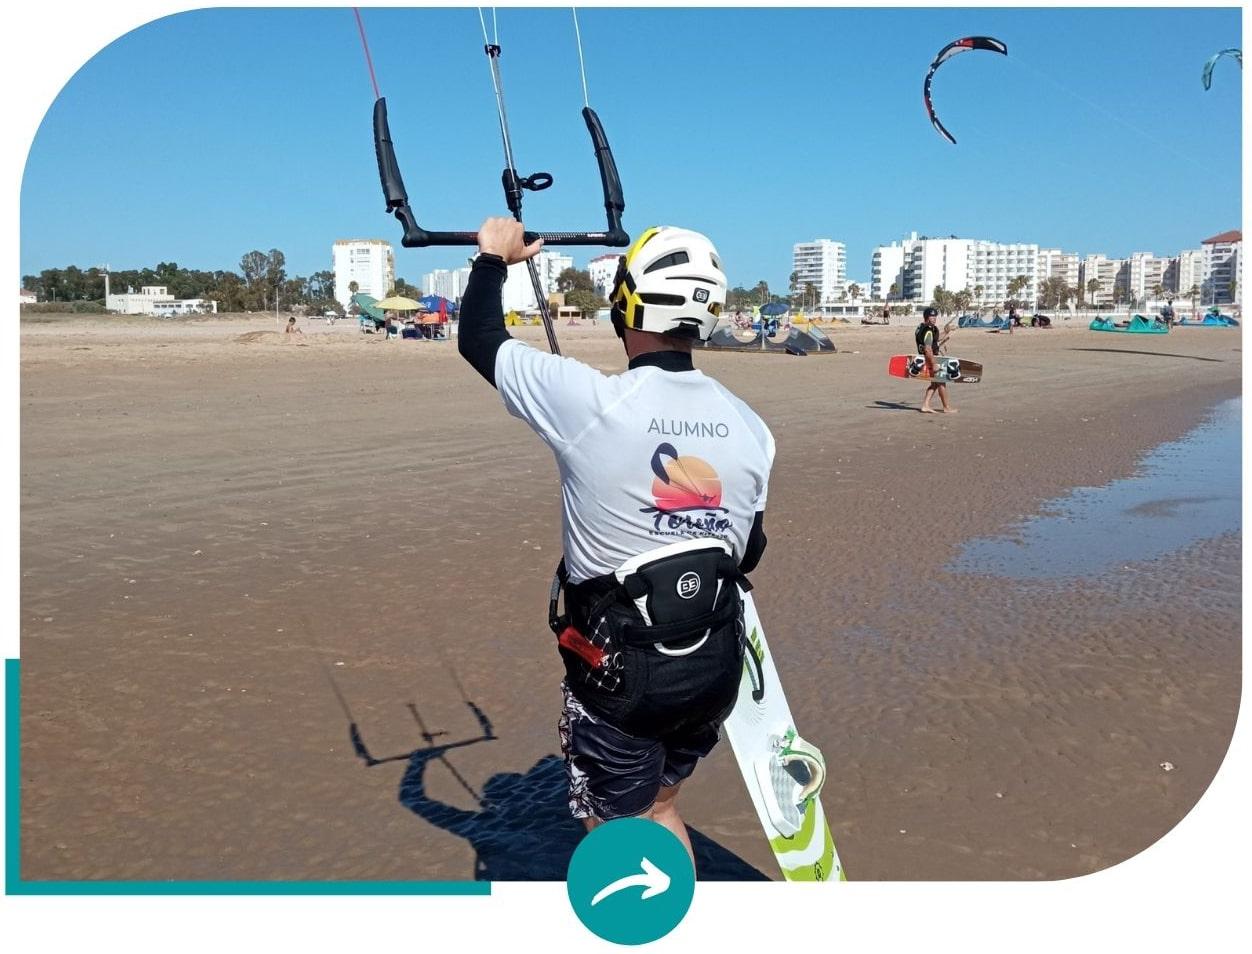 cursos kitesurf valdelagrana